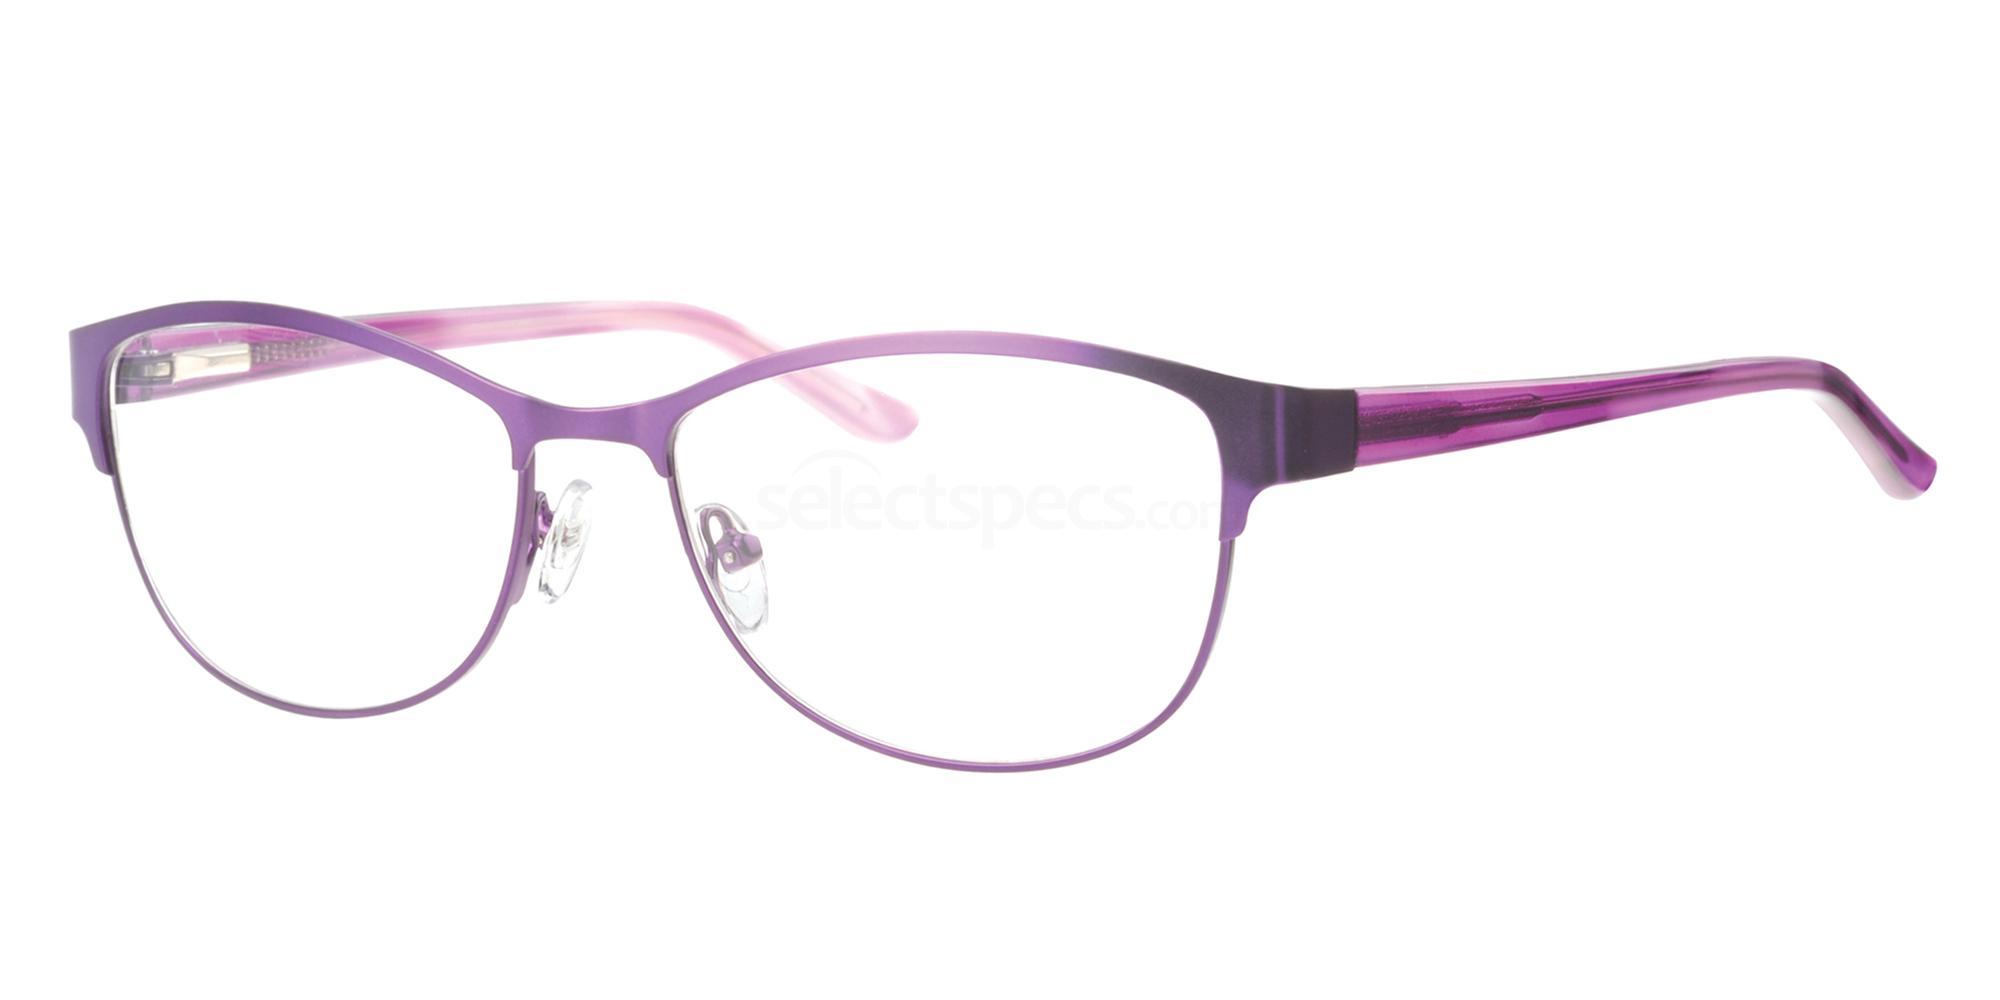 C90 441 Glasses, Visage Elite